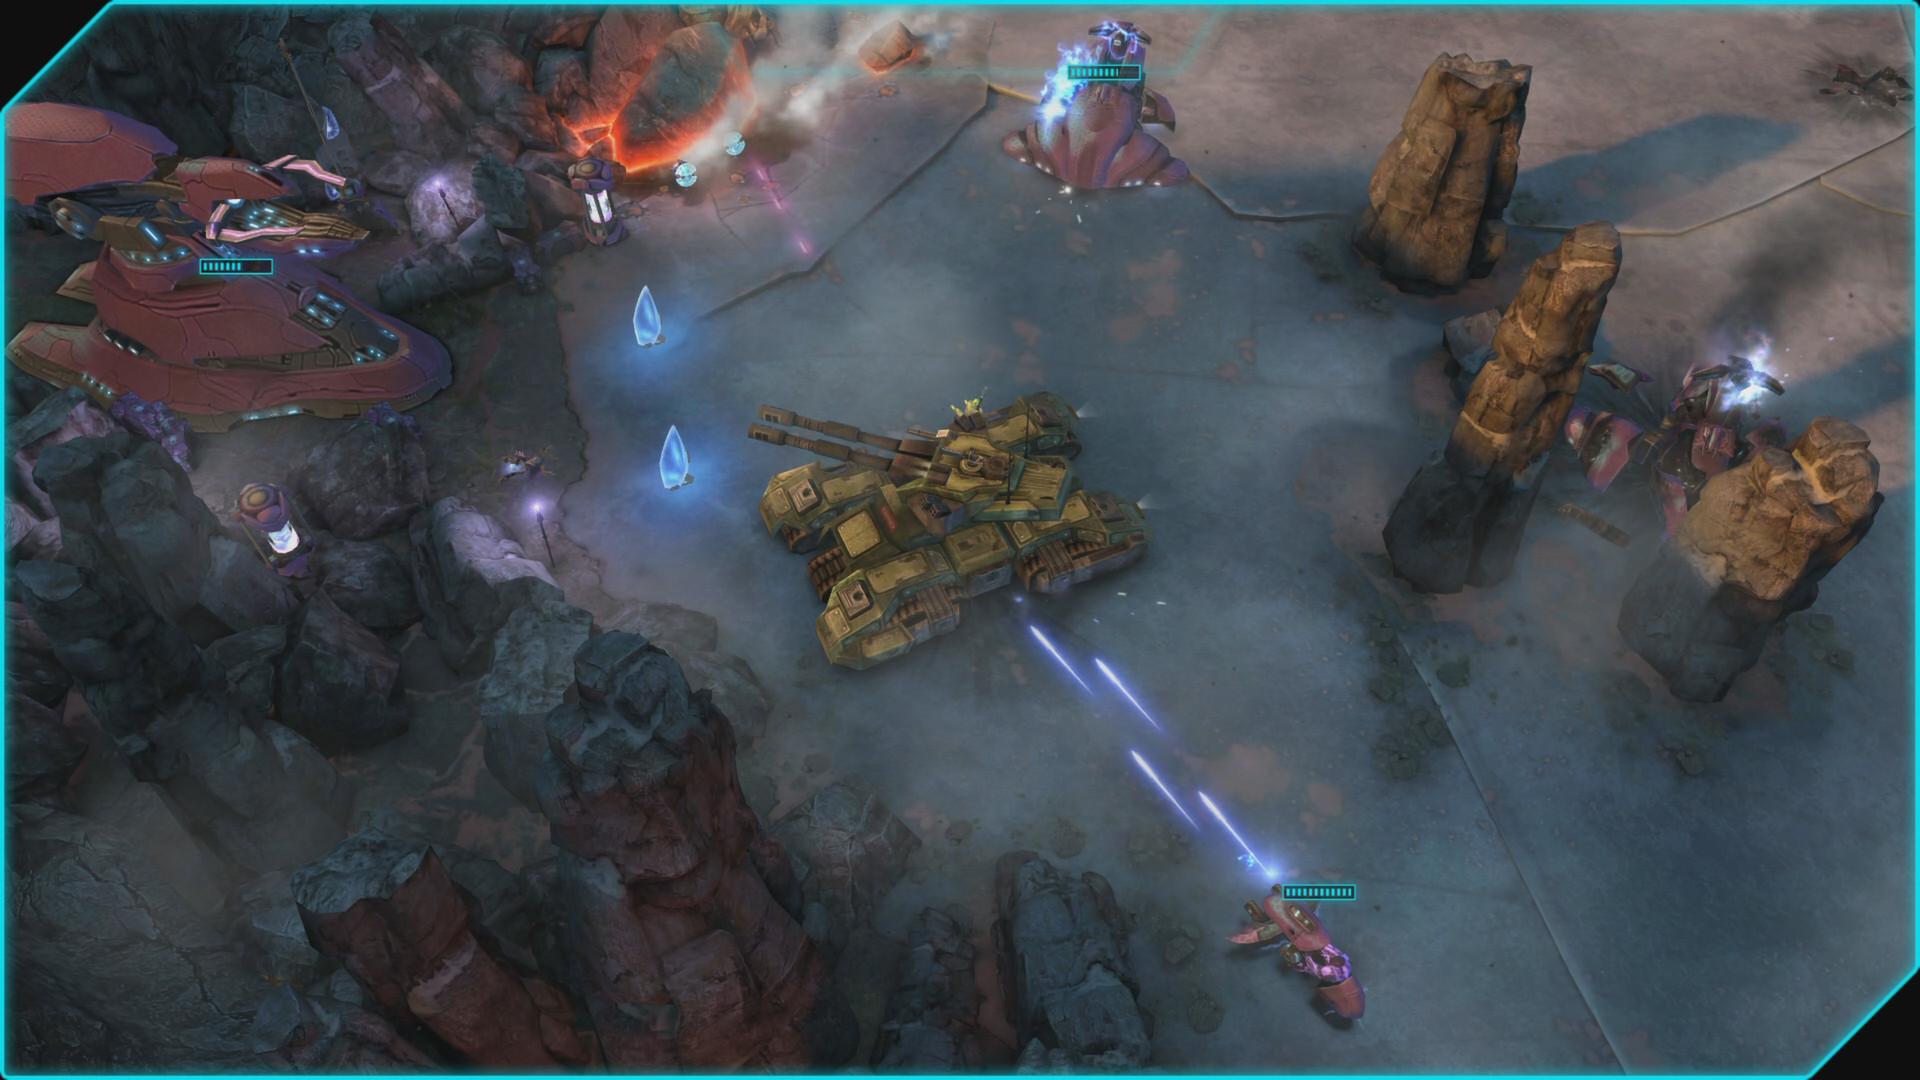 tutorial de como descargar e instalar Halo Spartan Assault youtube